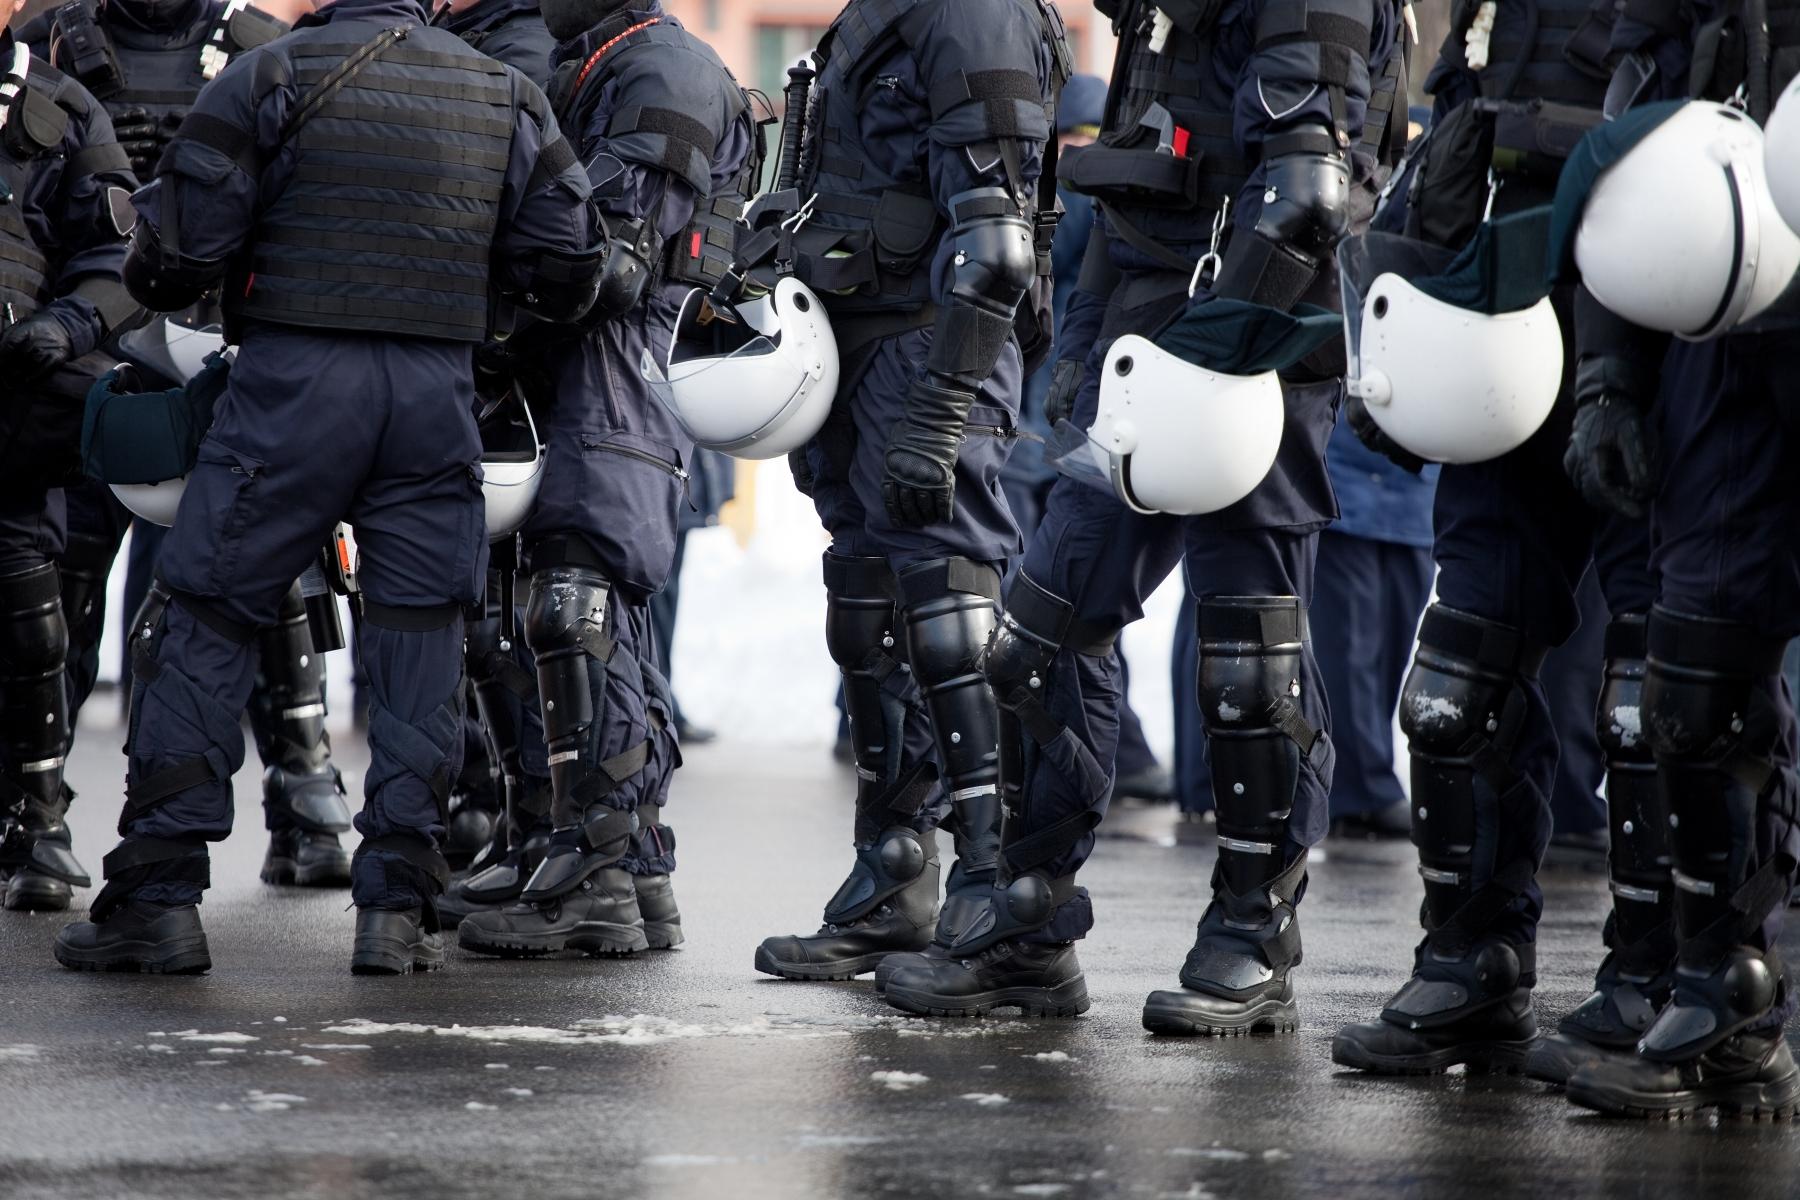 1061151-riot-police